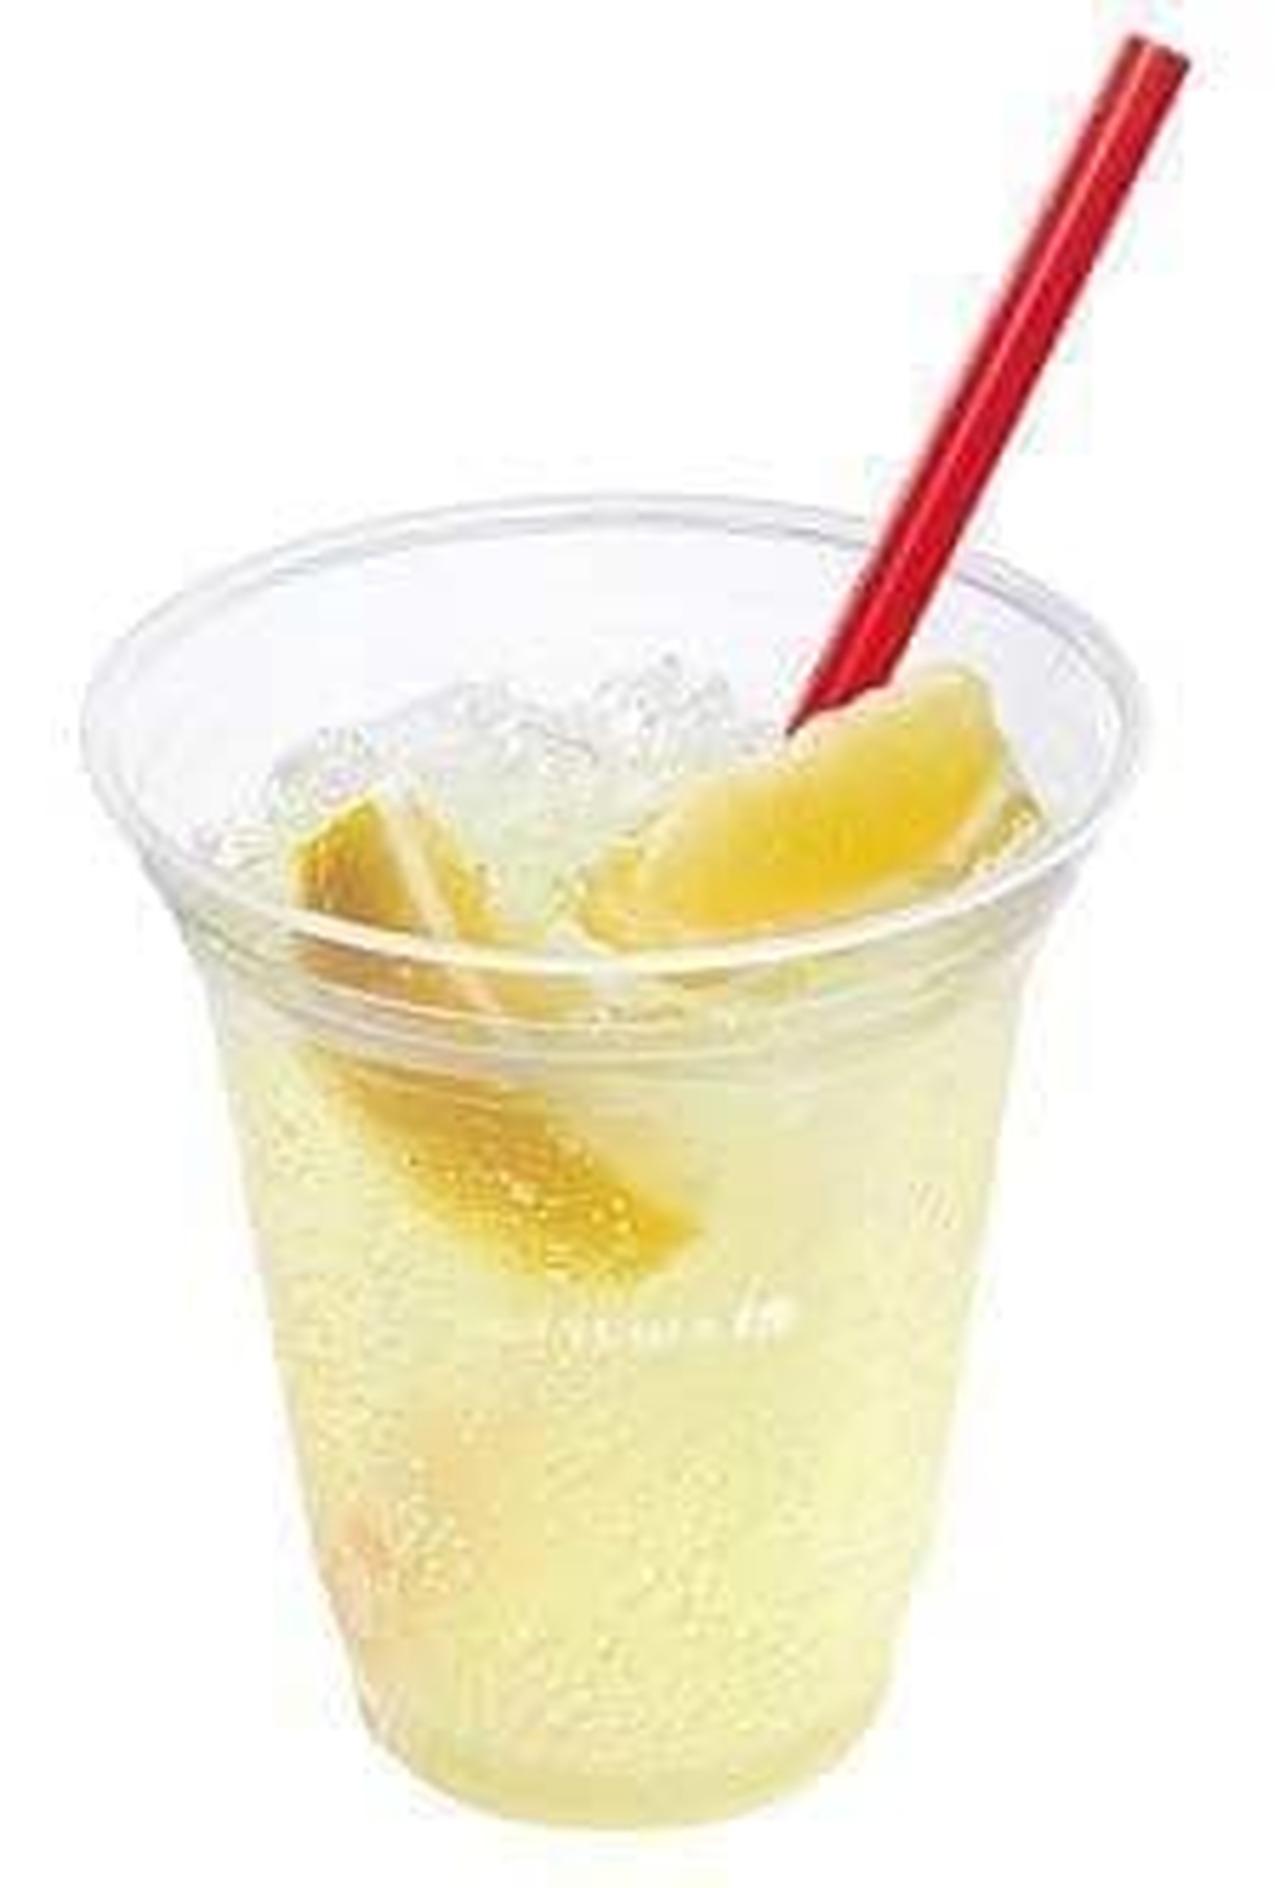 ロッテリア「生しぼりレモンのC.C.レモン」